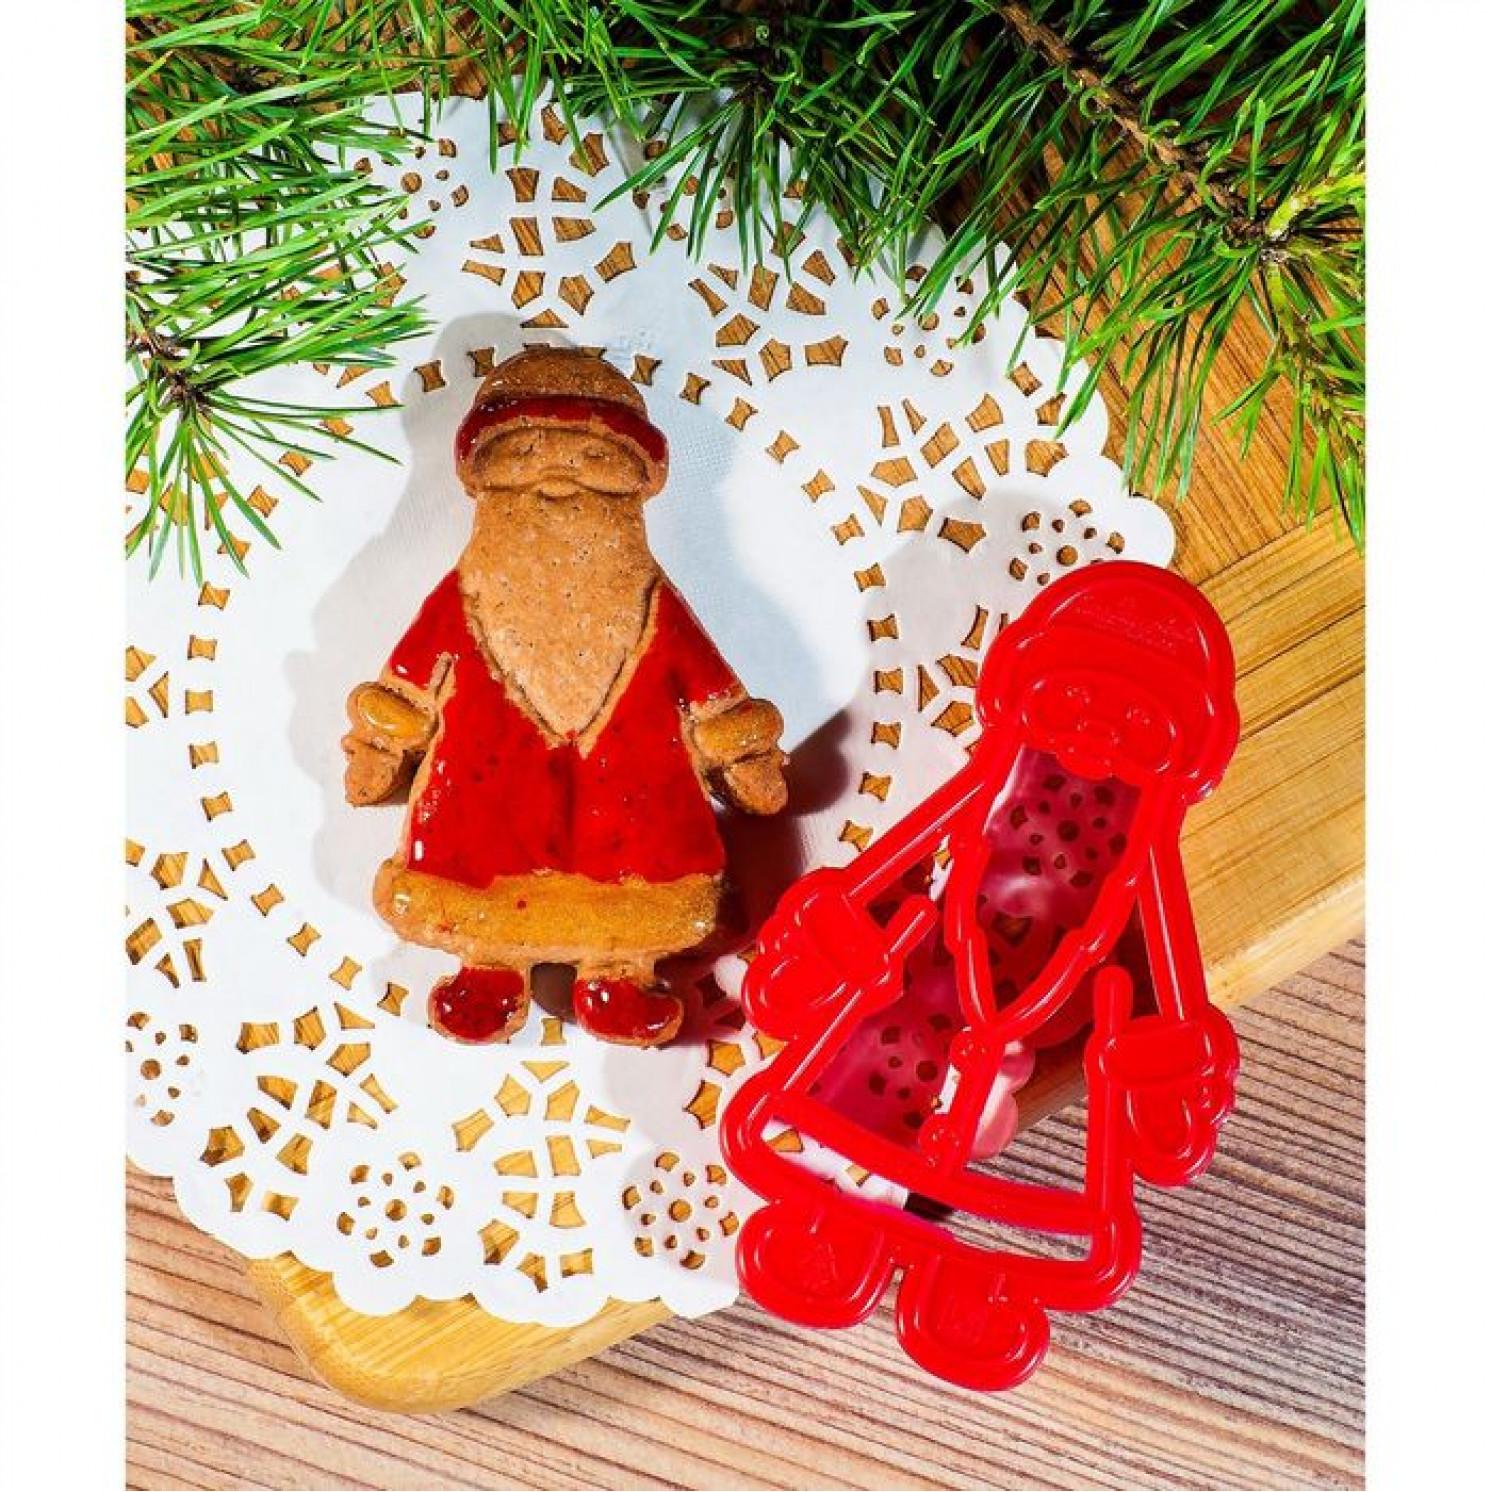 Форма для вырезки теста «Дед Мороз»